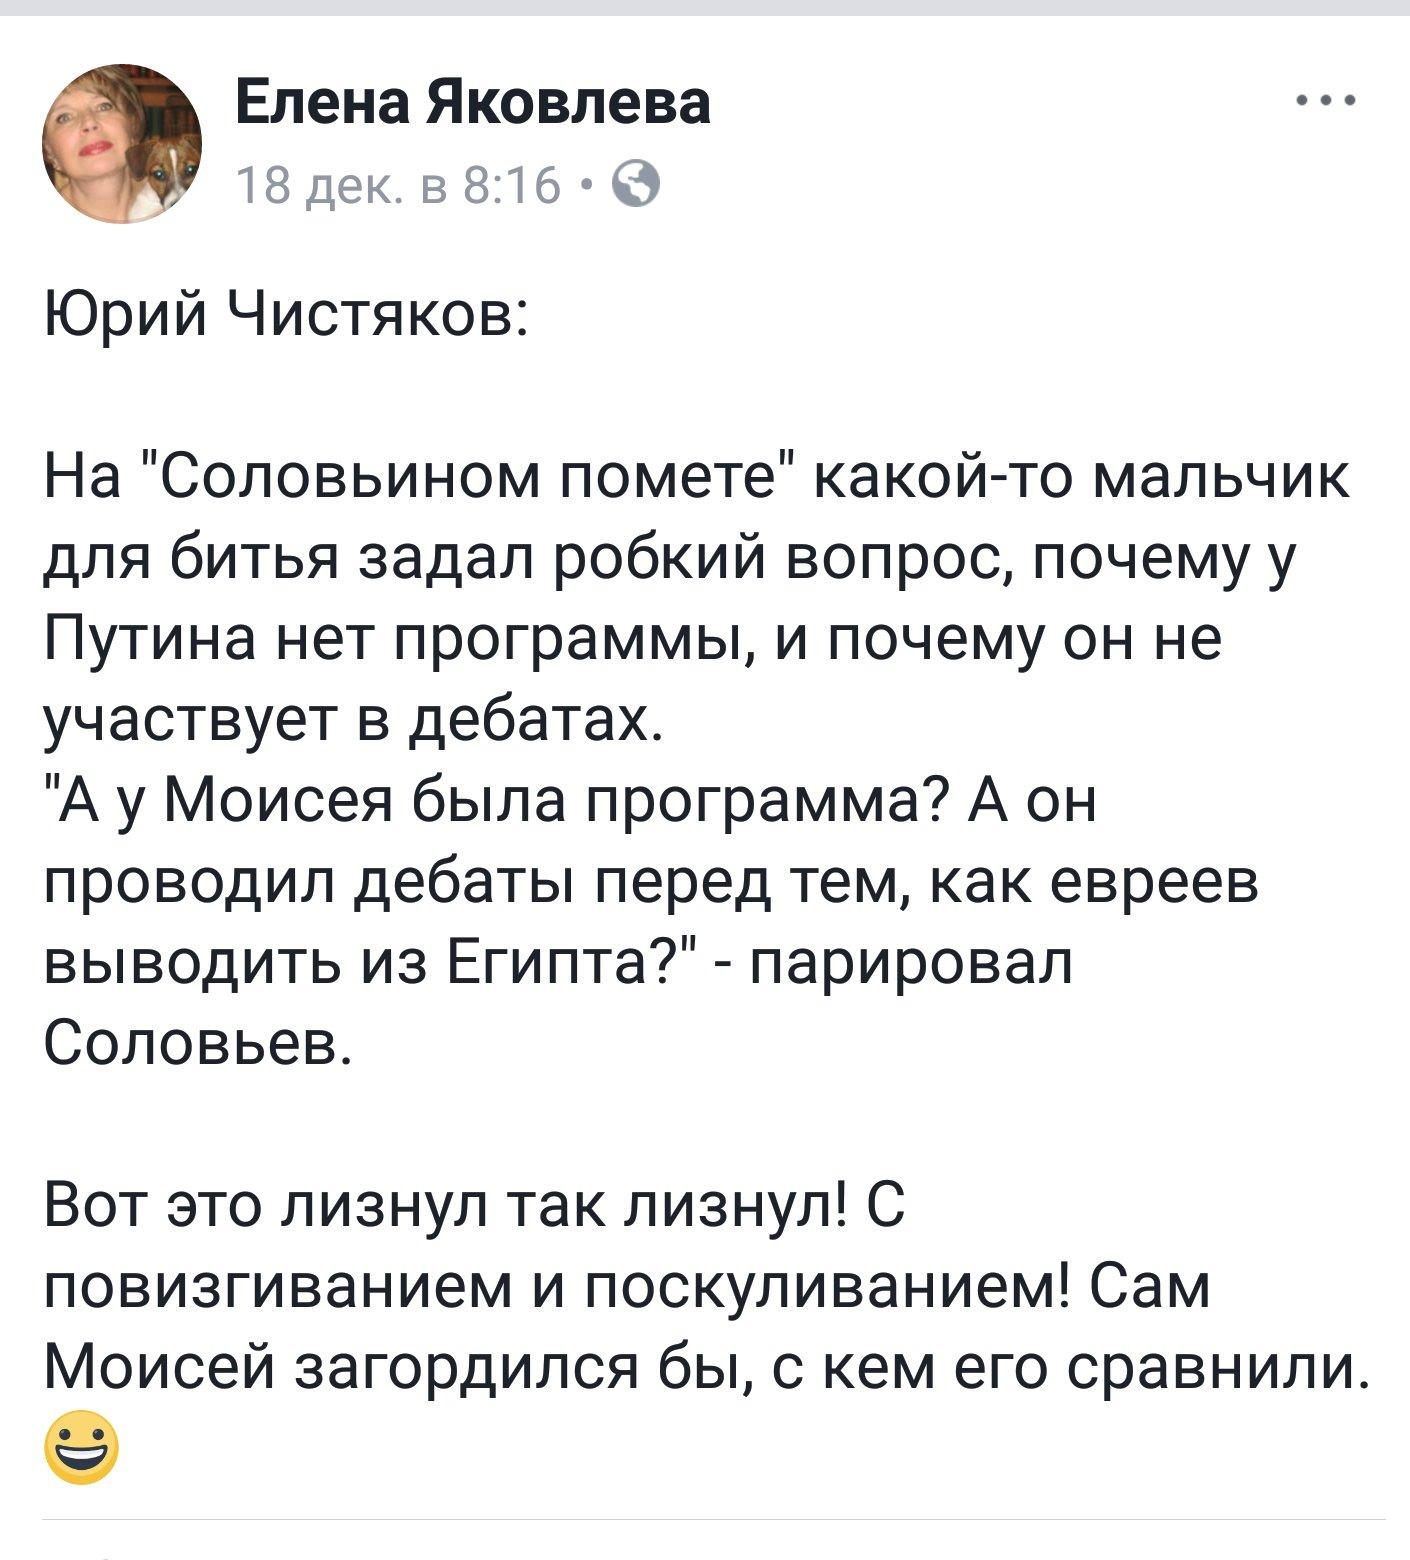 Путін пояснив Меркель, чому російські офіцери покинули СЦКК - Цензор.НЕТ 691